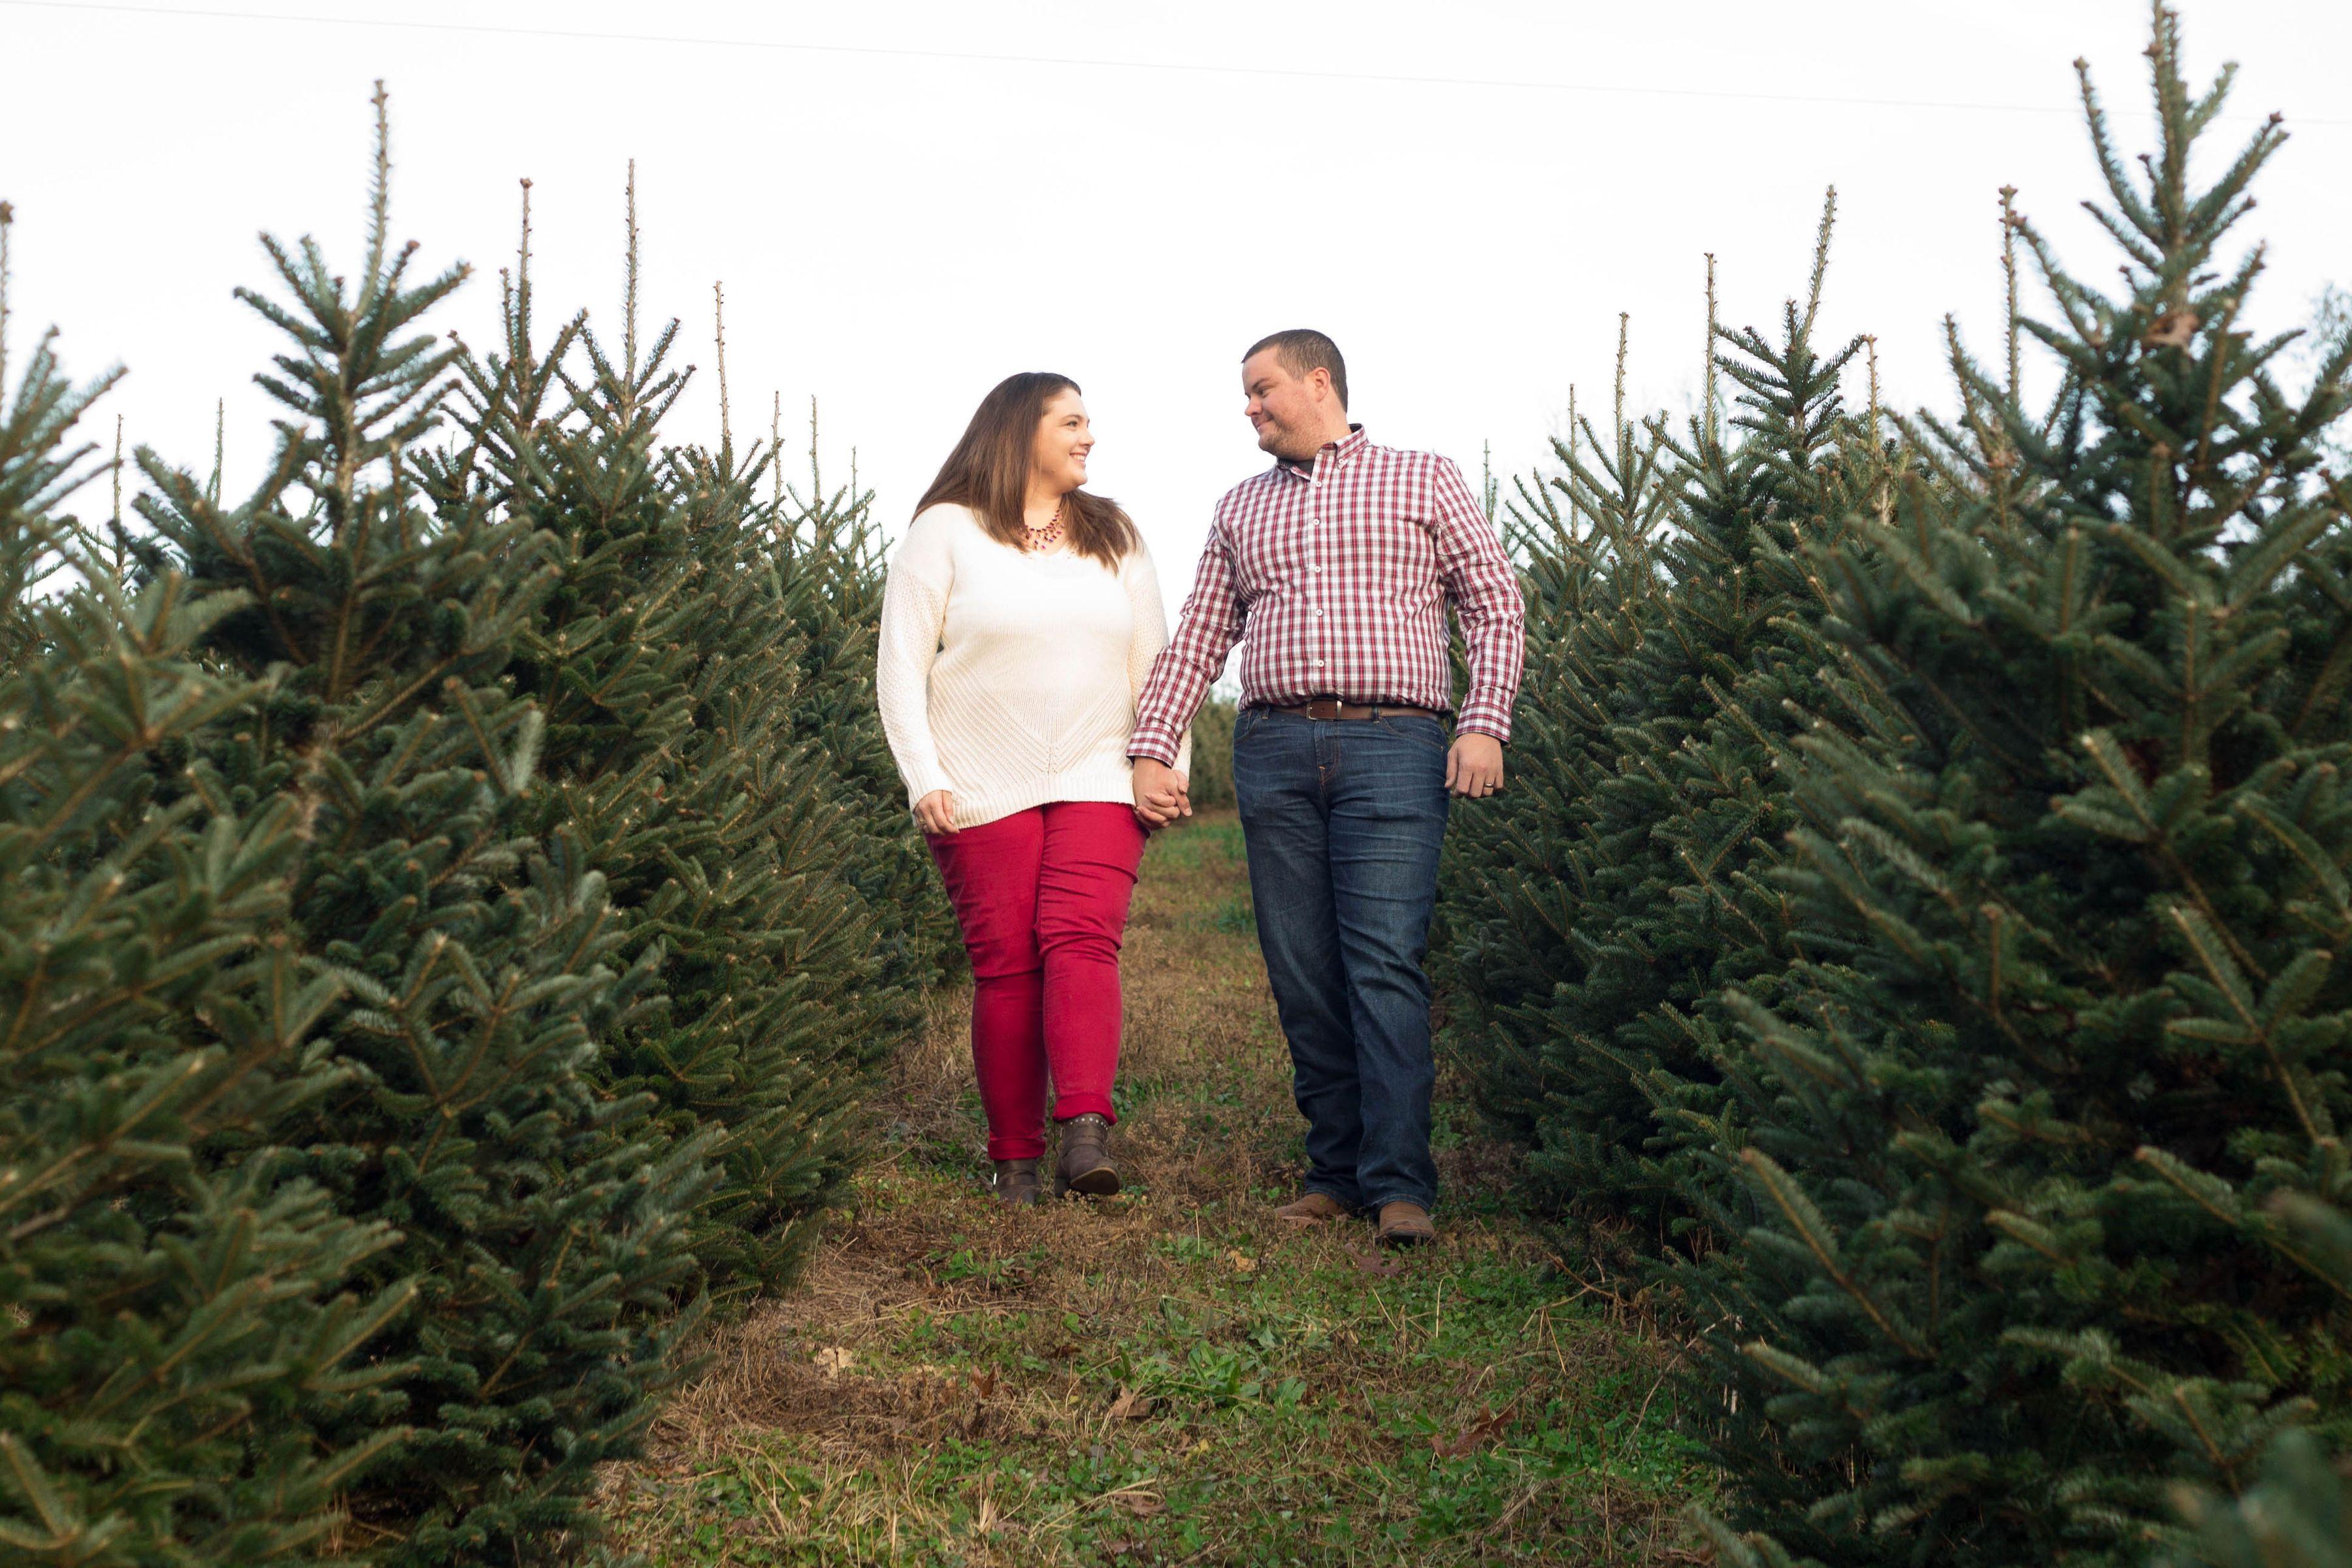 Christmas Card Photos At Sawyer Family Farmstead Christmas Tree Farm Couples Engagement Photos Sawyer